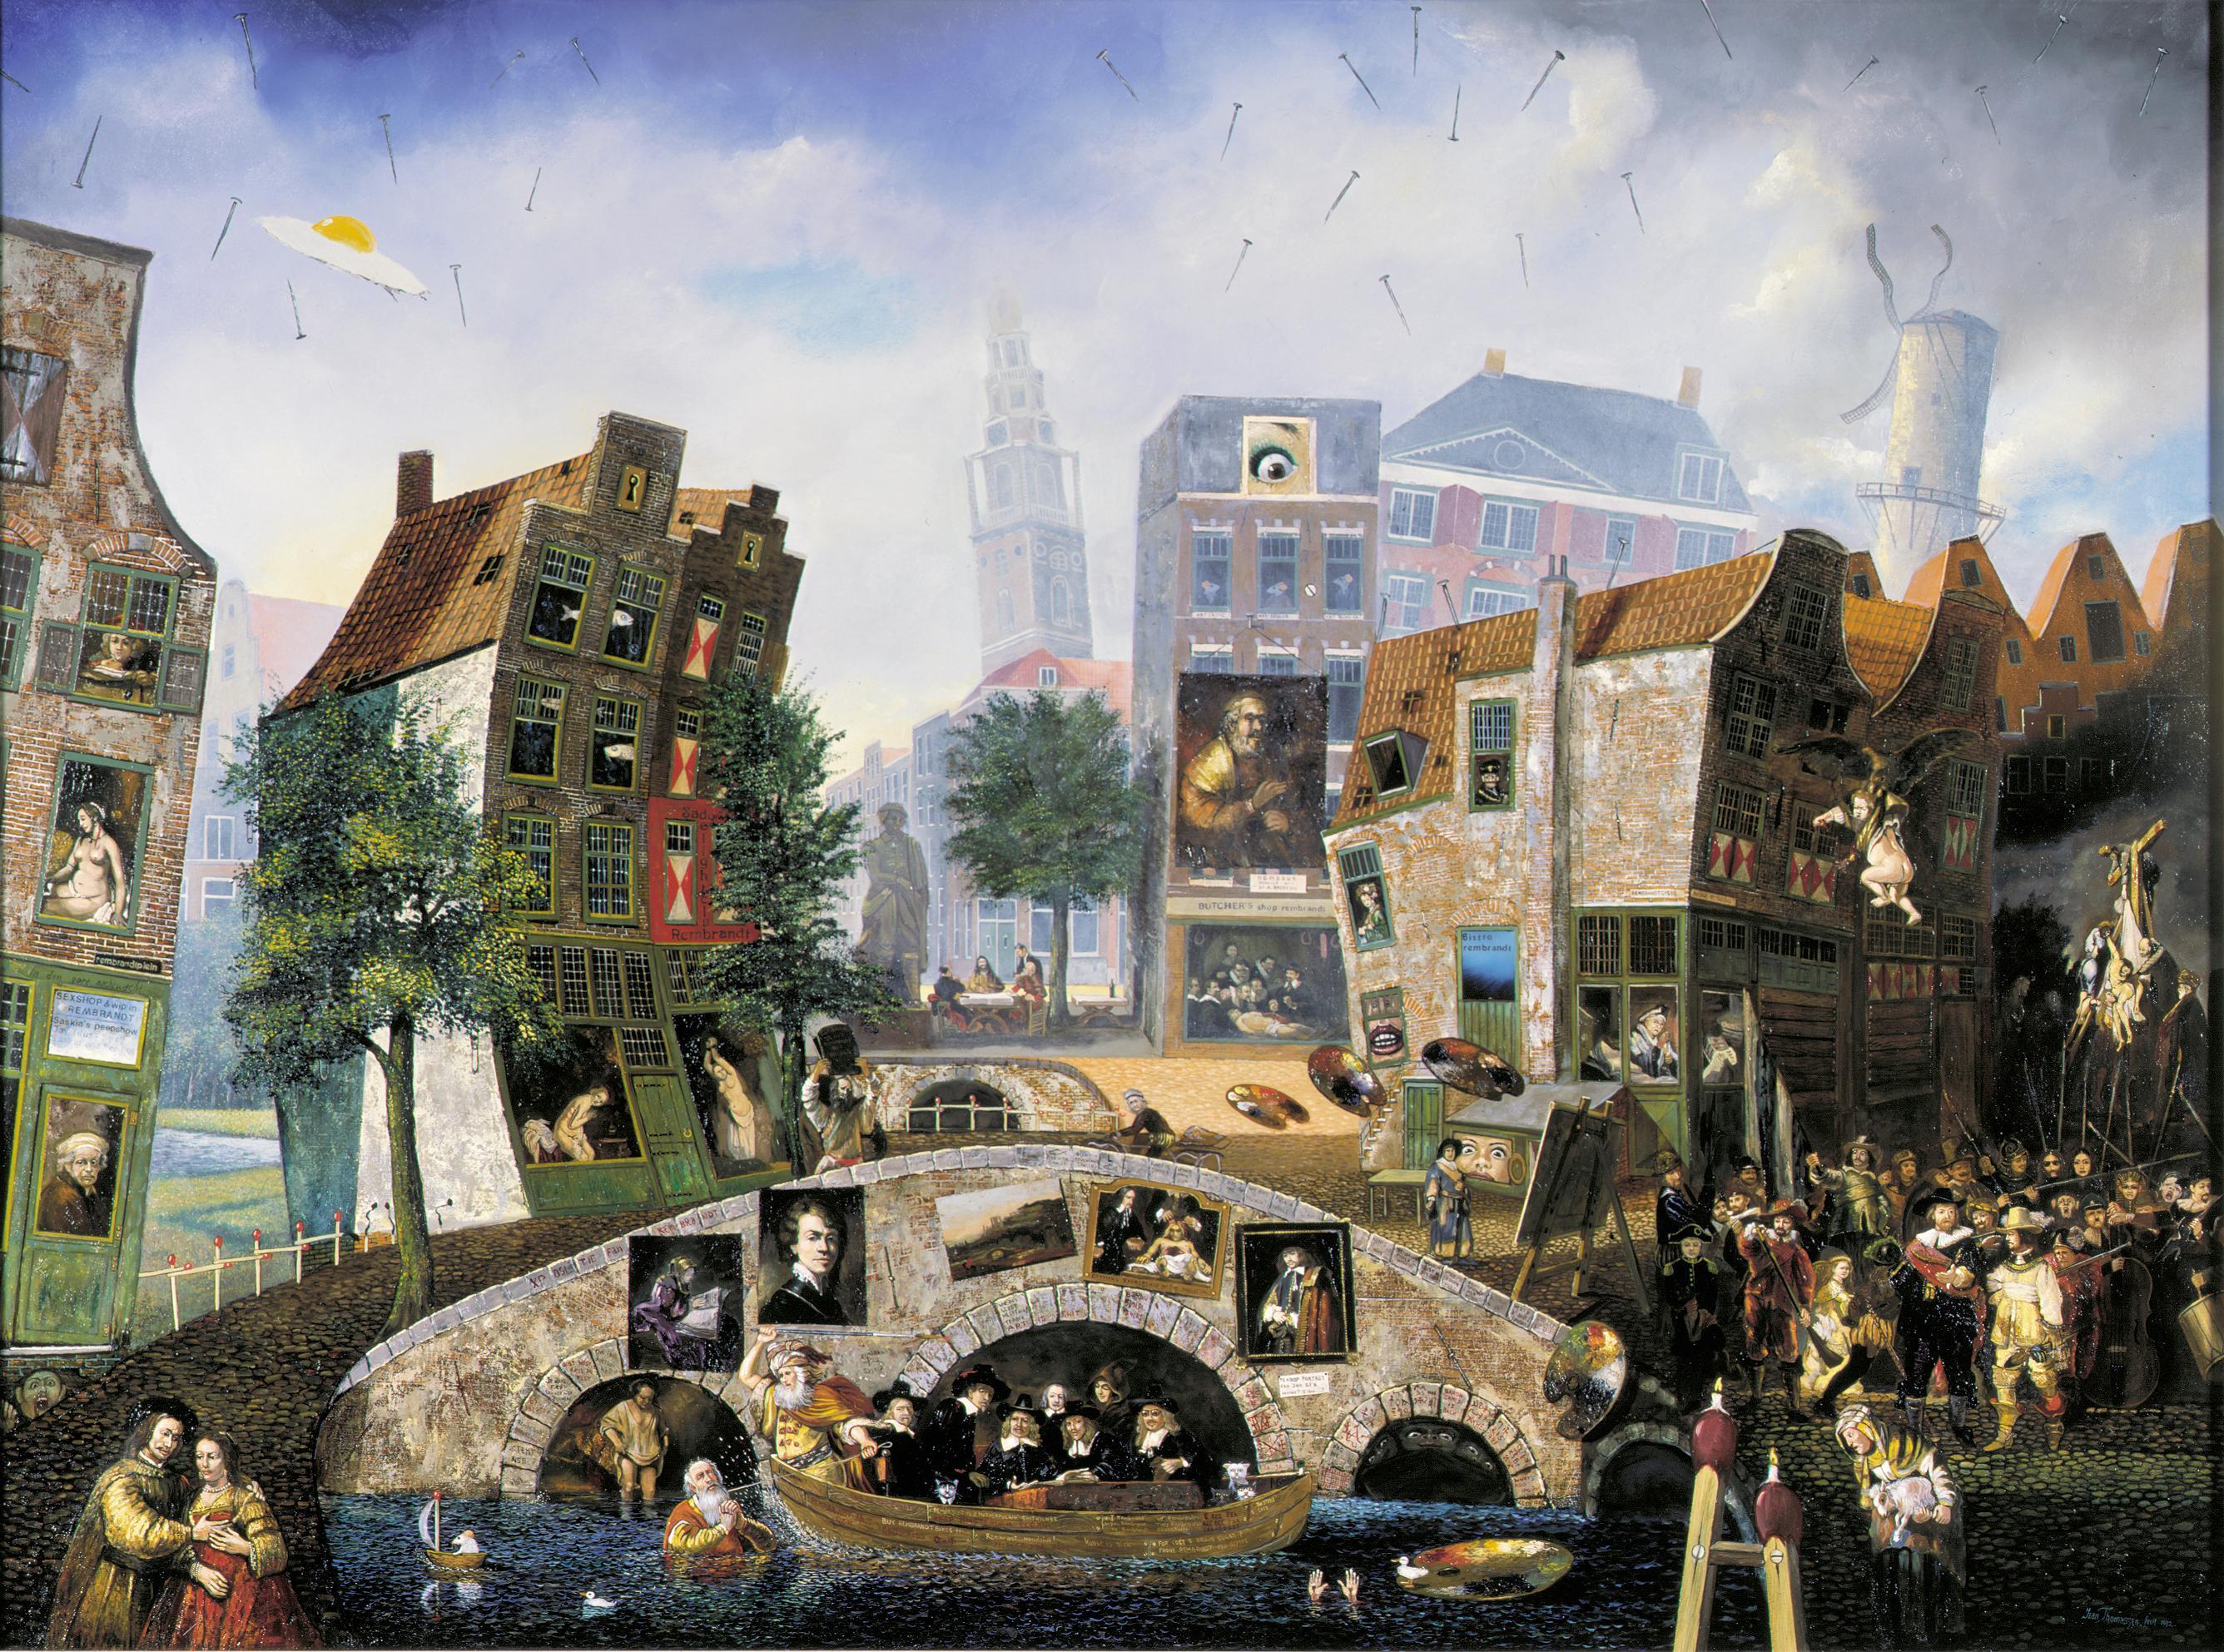 Jean Thomassen uit Heiloo wordt gezien als de Jeroen Bosch van onze tijd. De meester van het 'absurd realisme' wordt geëerd met een boek en een tentoonstelling